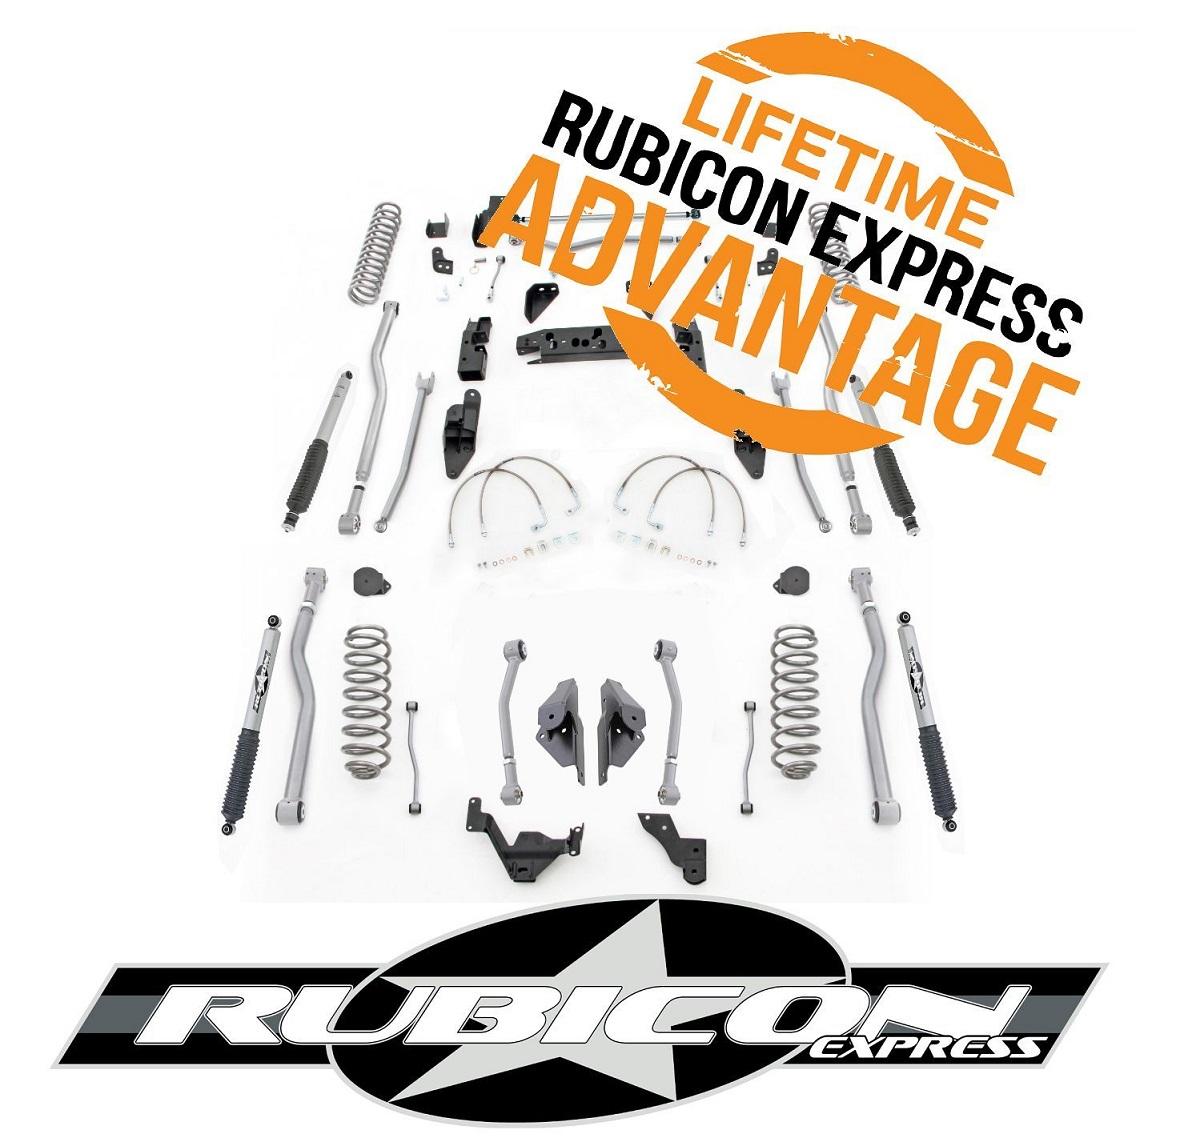 Rubicon Express 2007年~2015年 ラングラーJK用5.5インチリフトアップキット [ルビコン][アメリカ直輸入][送料無料][アメ車][逆輸入車][デイブレイク]